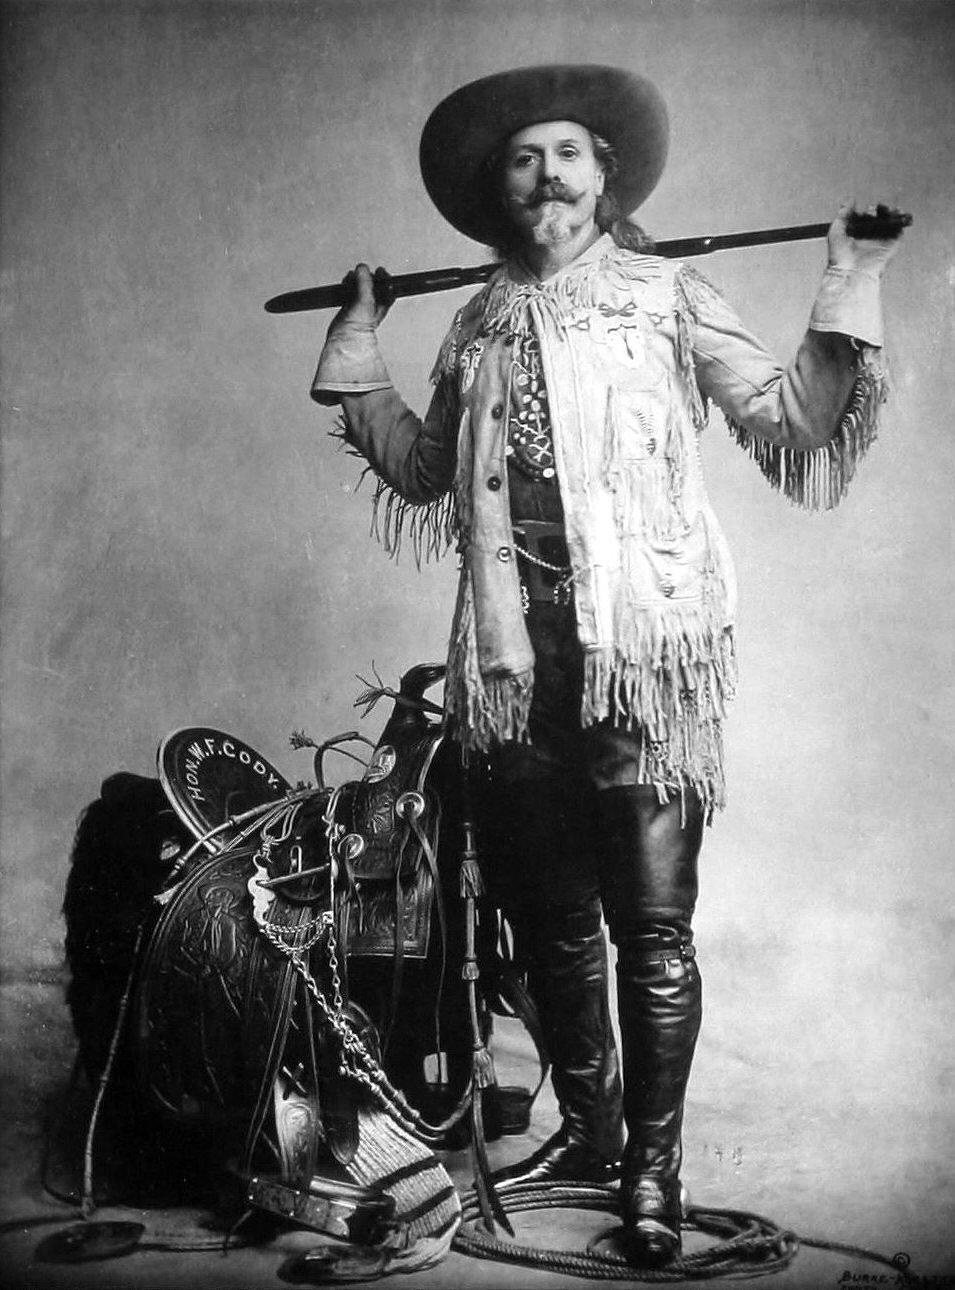 El día antes de morir, el 9 de enero de 1917, a pesar de haber sido masón toda su vida, Buffalo Bill pidió al padre Christopher Walsh que le bautizase como católico.